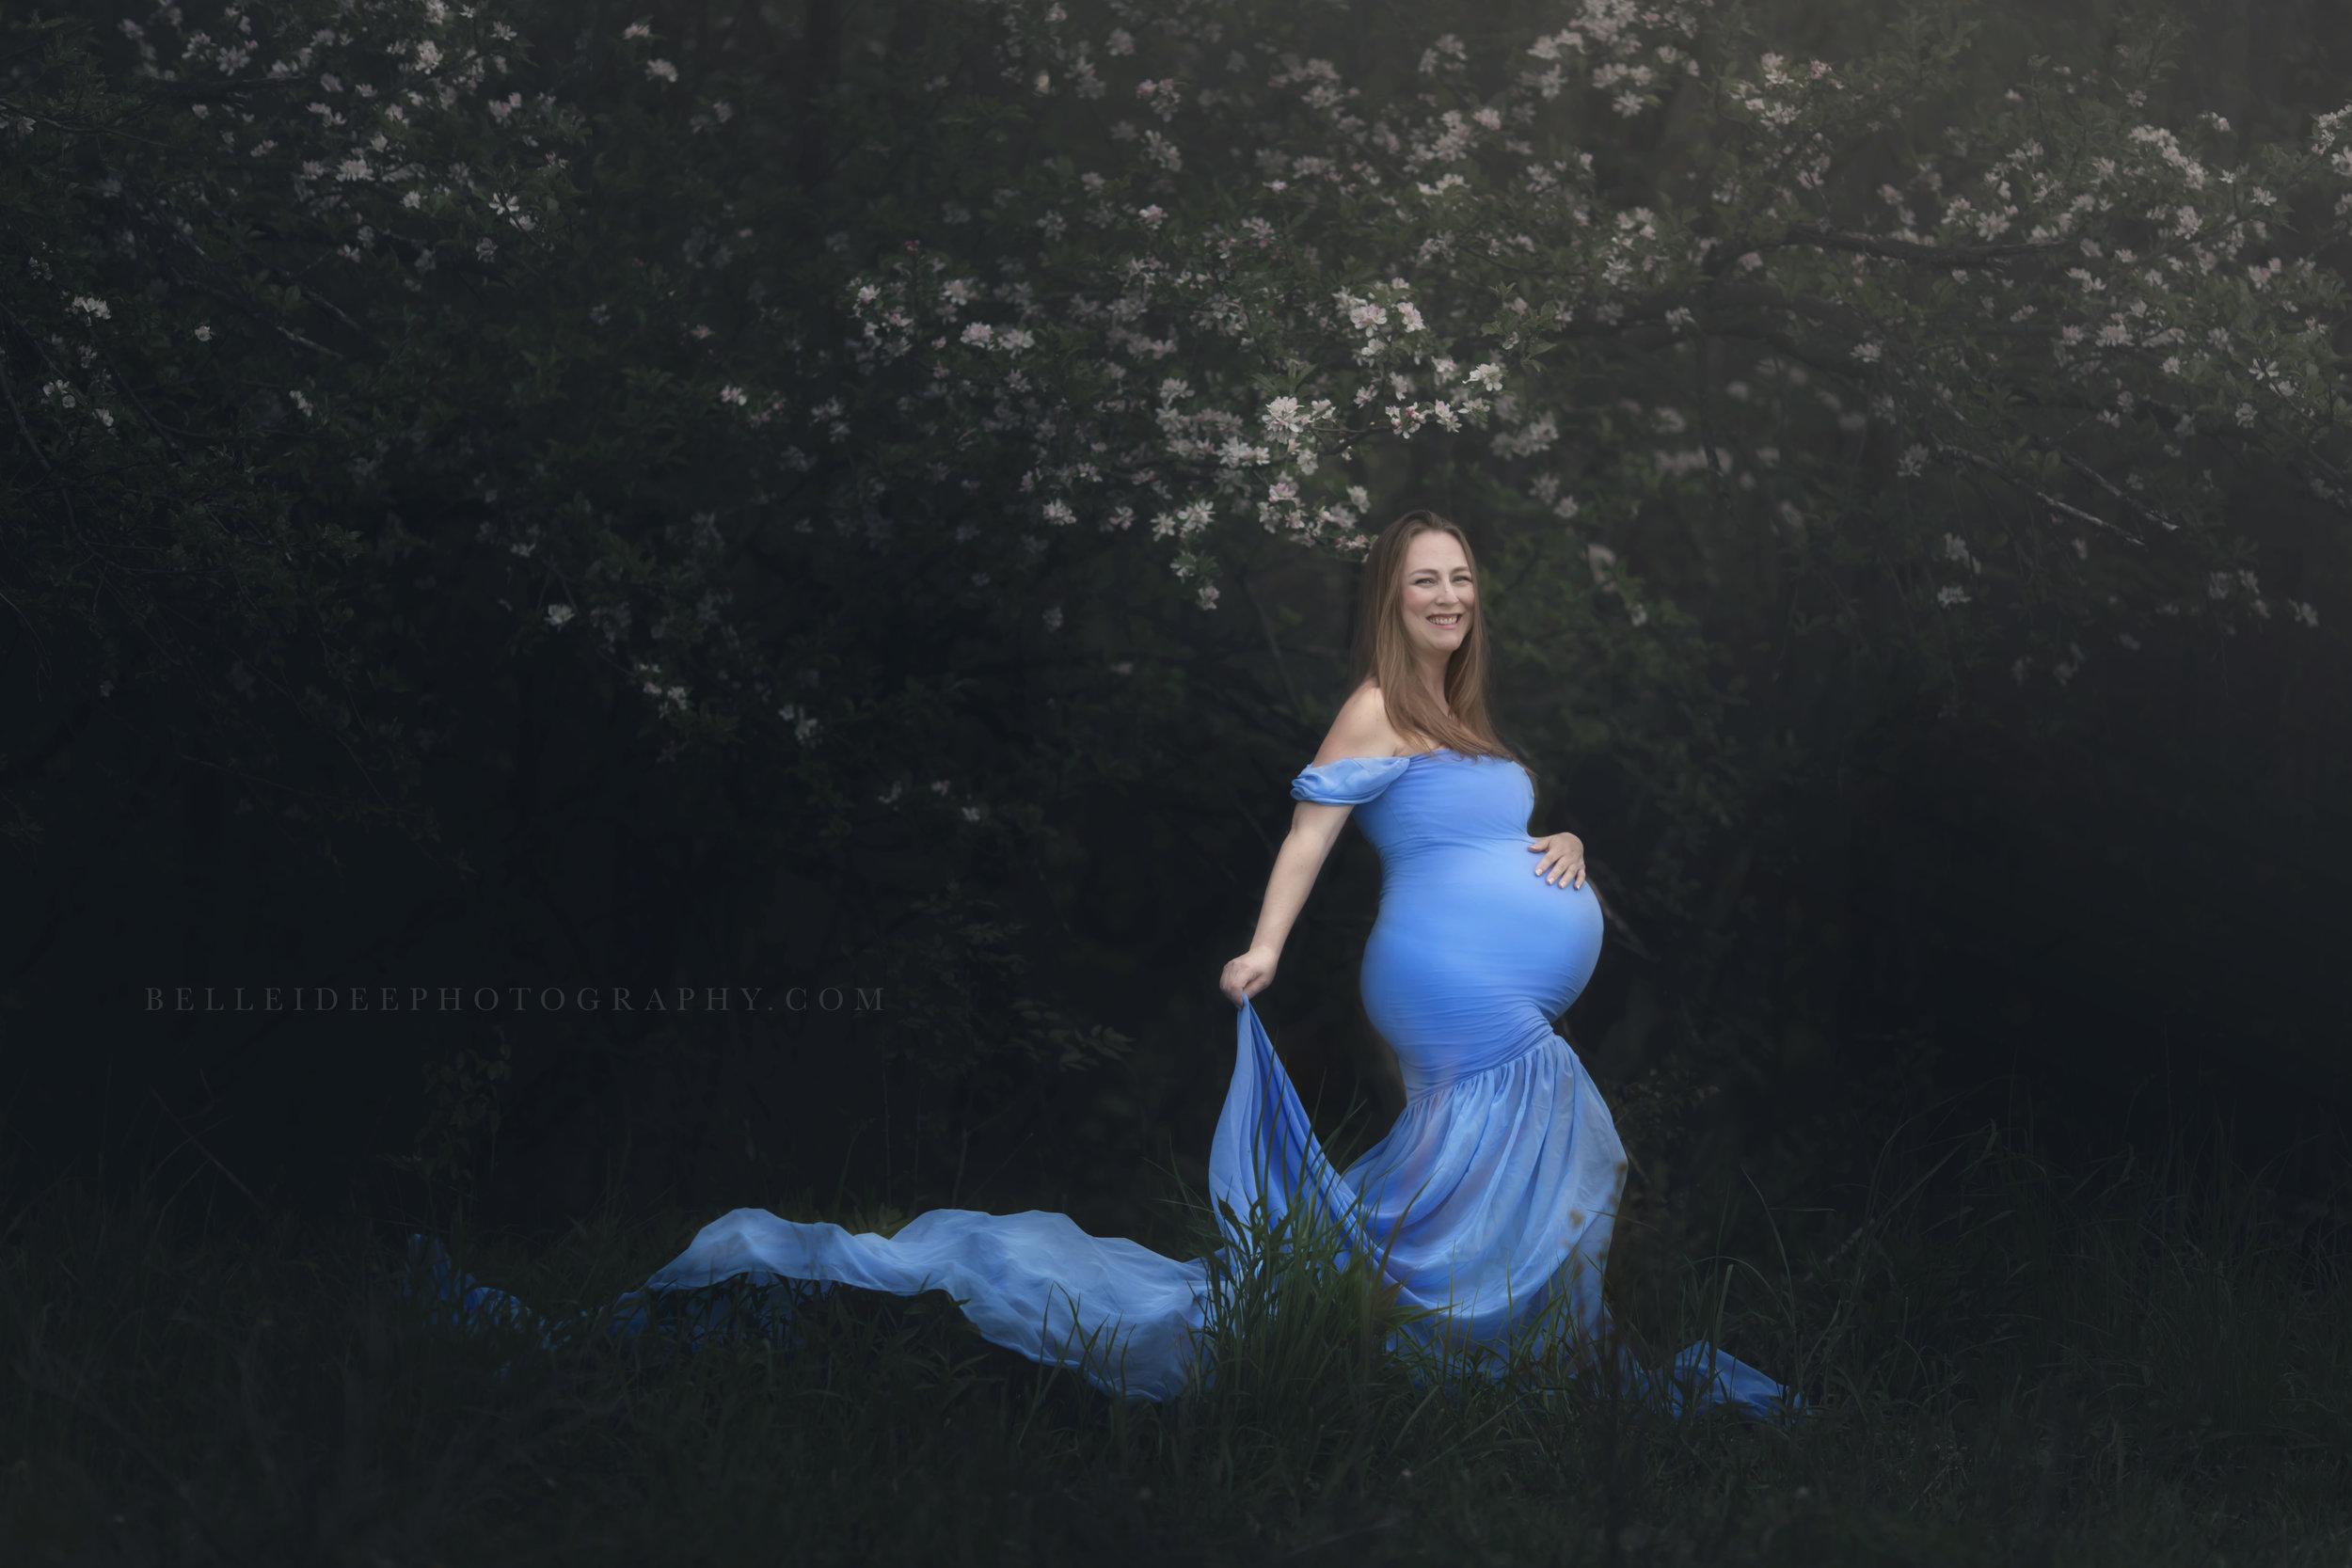 Pregnancy Photo Session in Buffalo, NY